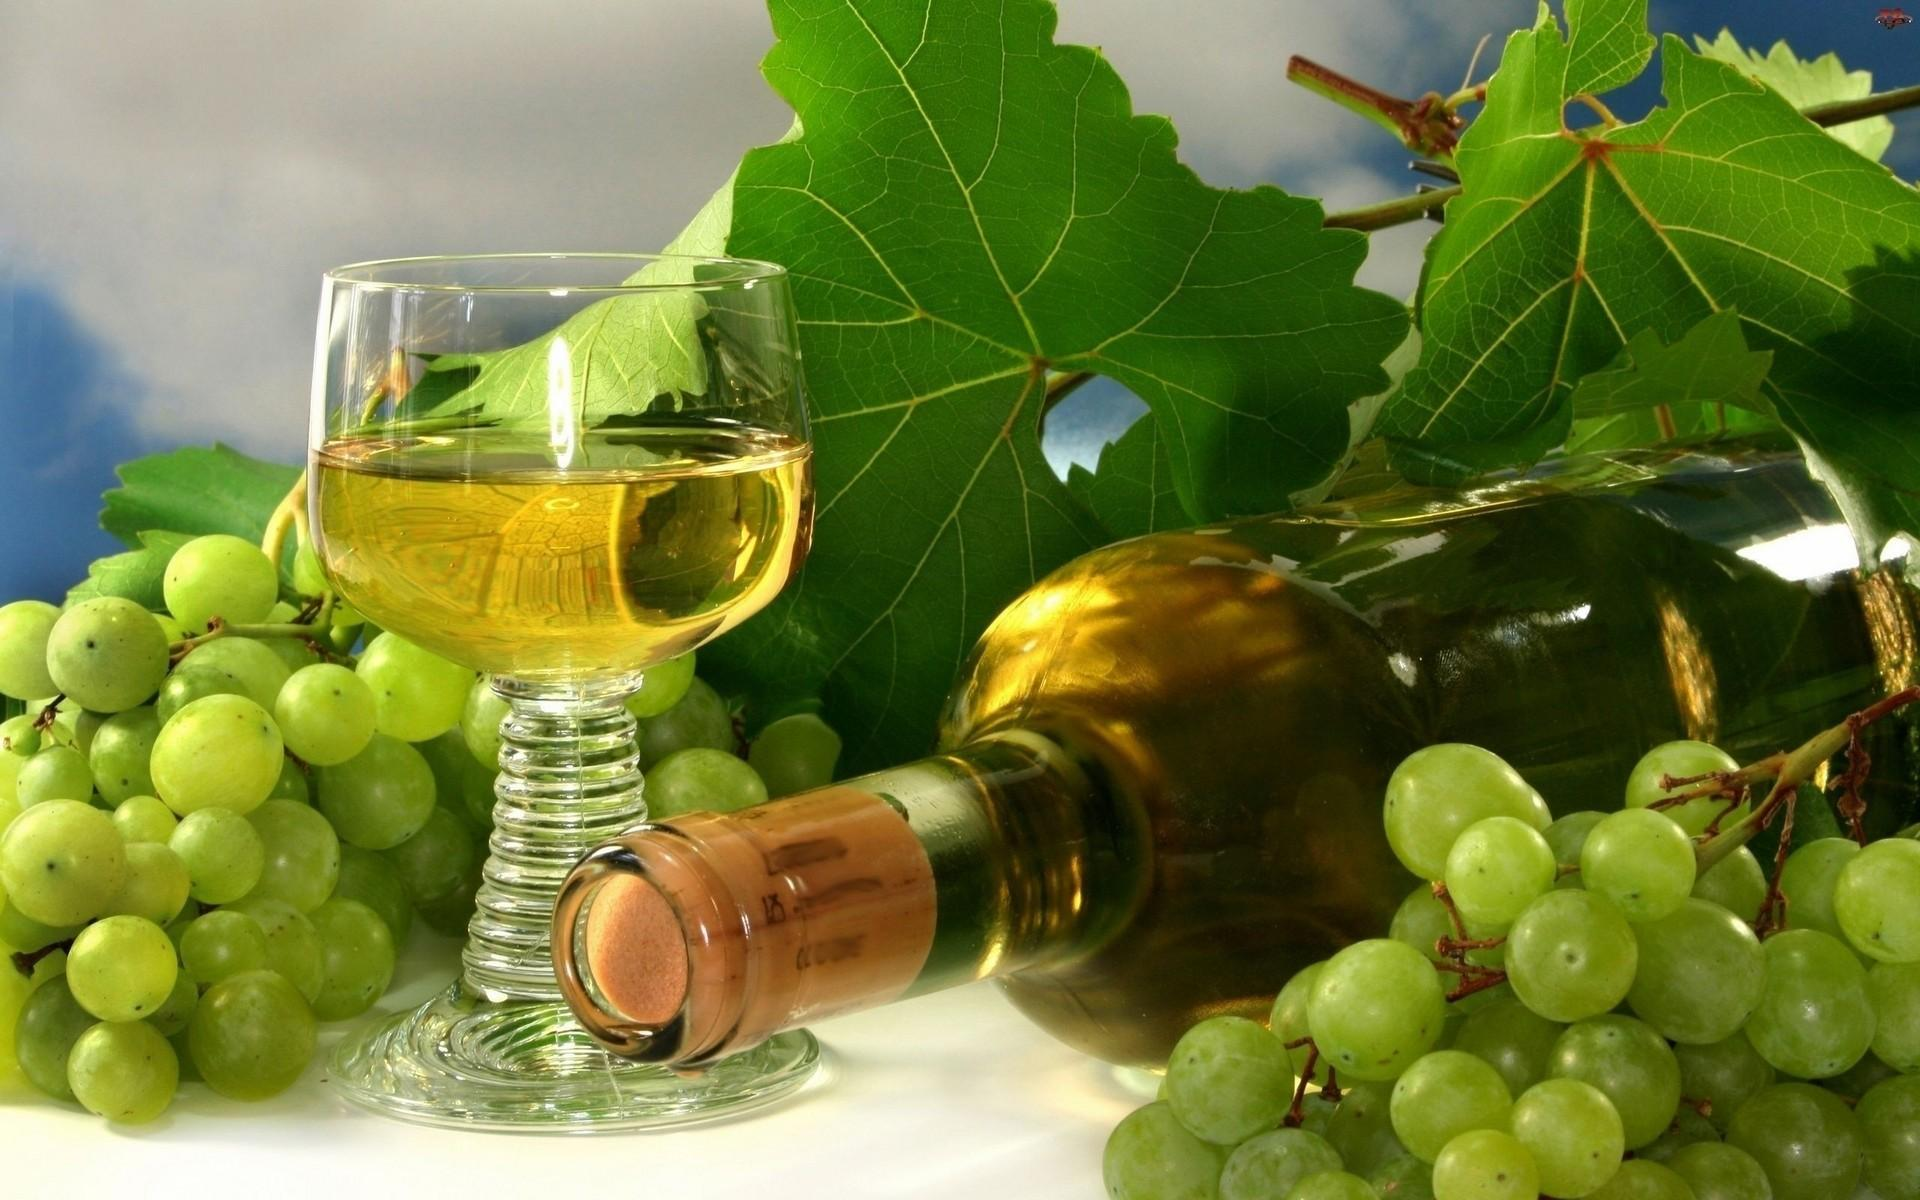 вина из листьев винограда